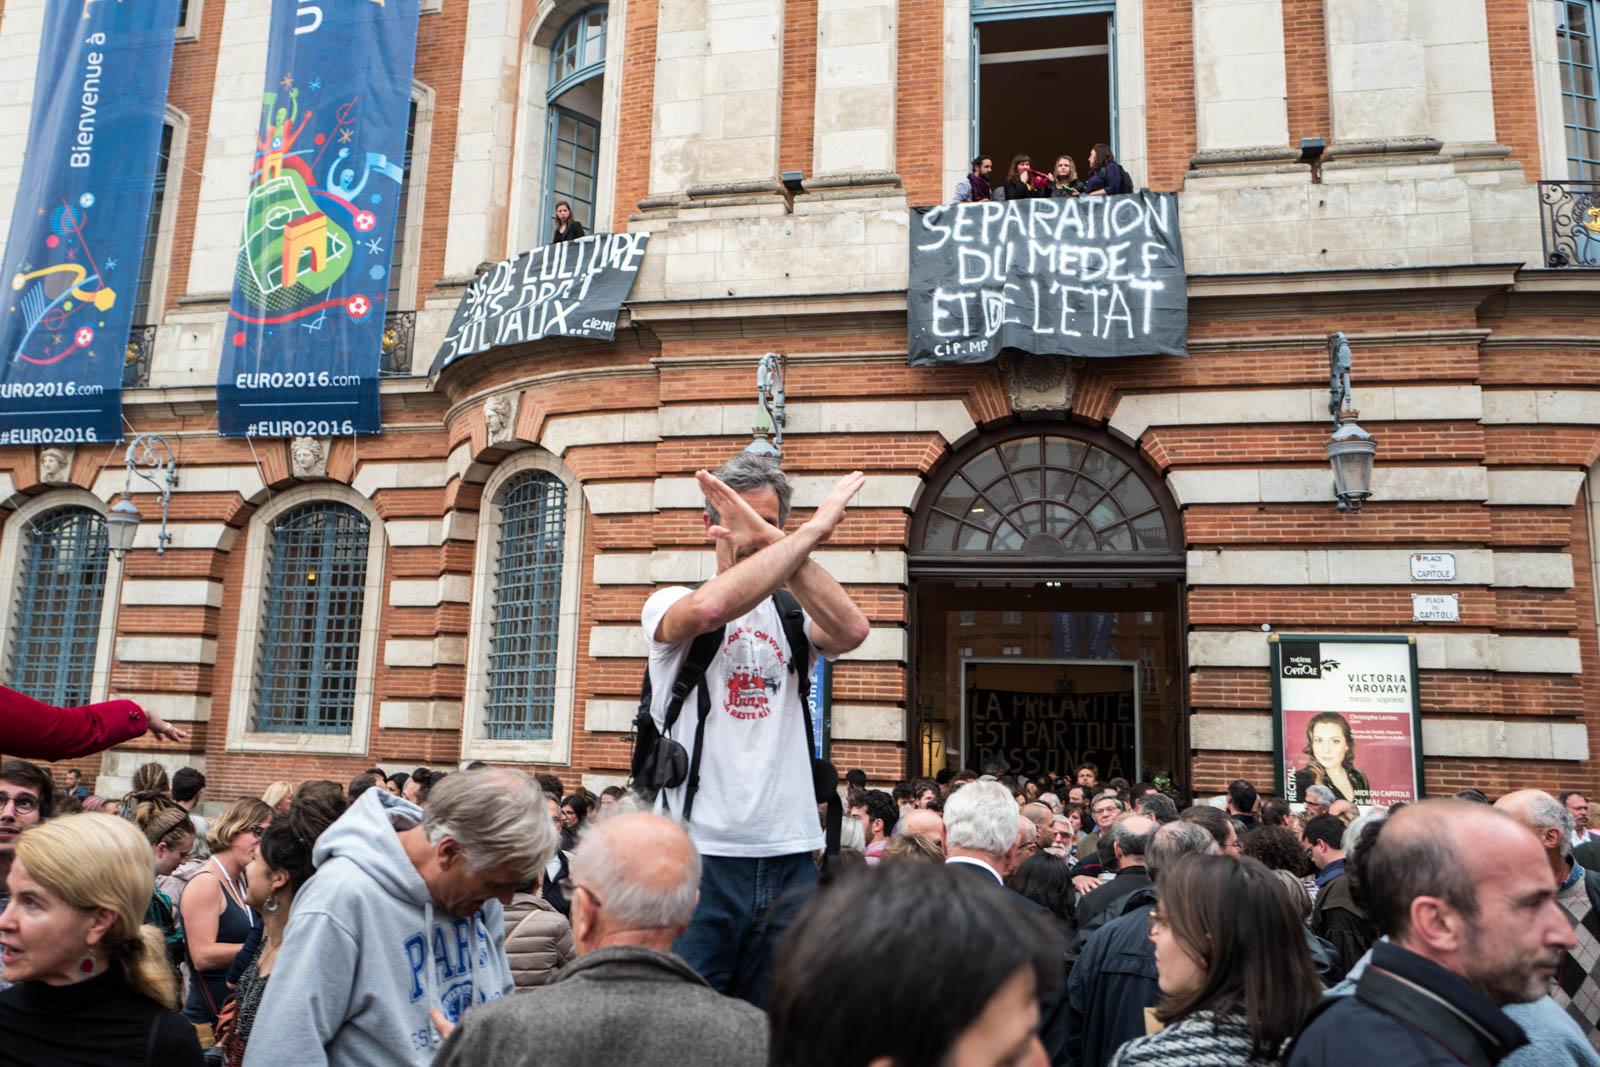 """Plusieurs dizaines d'intermittents et de précaires ont envahi le théâtre du Capitole pour sensibiliser en vue d'une application de l'accord sur l'assurance chômage et dénoncer la loi Travail.Les manifestants ont pénétré dans l'opéra-théâtre avant de monter au premier étage de déployer deux banderoles où était inscrit : """"Séparation du Medef et de l'État"""", """"Pas de culture sans droits sociaux». Toulouse, France-25 mai 2016."""